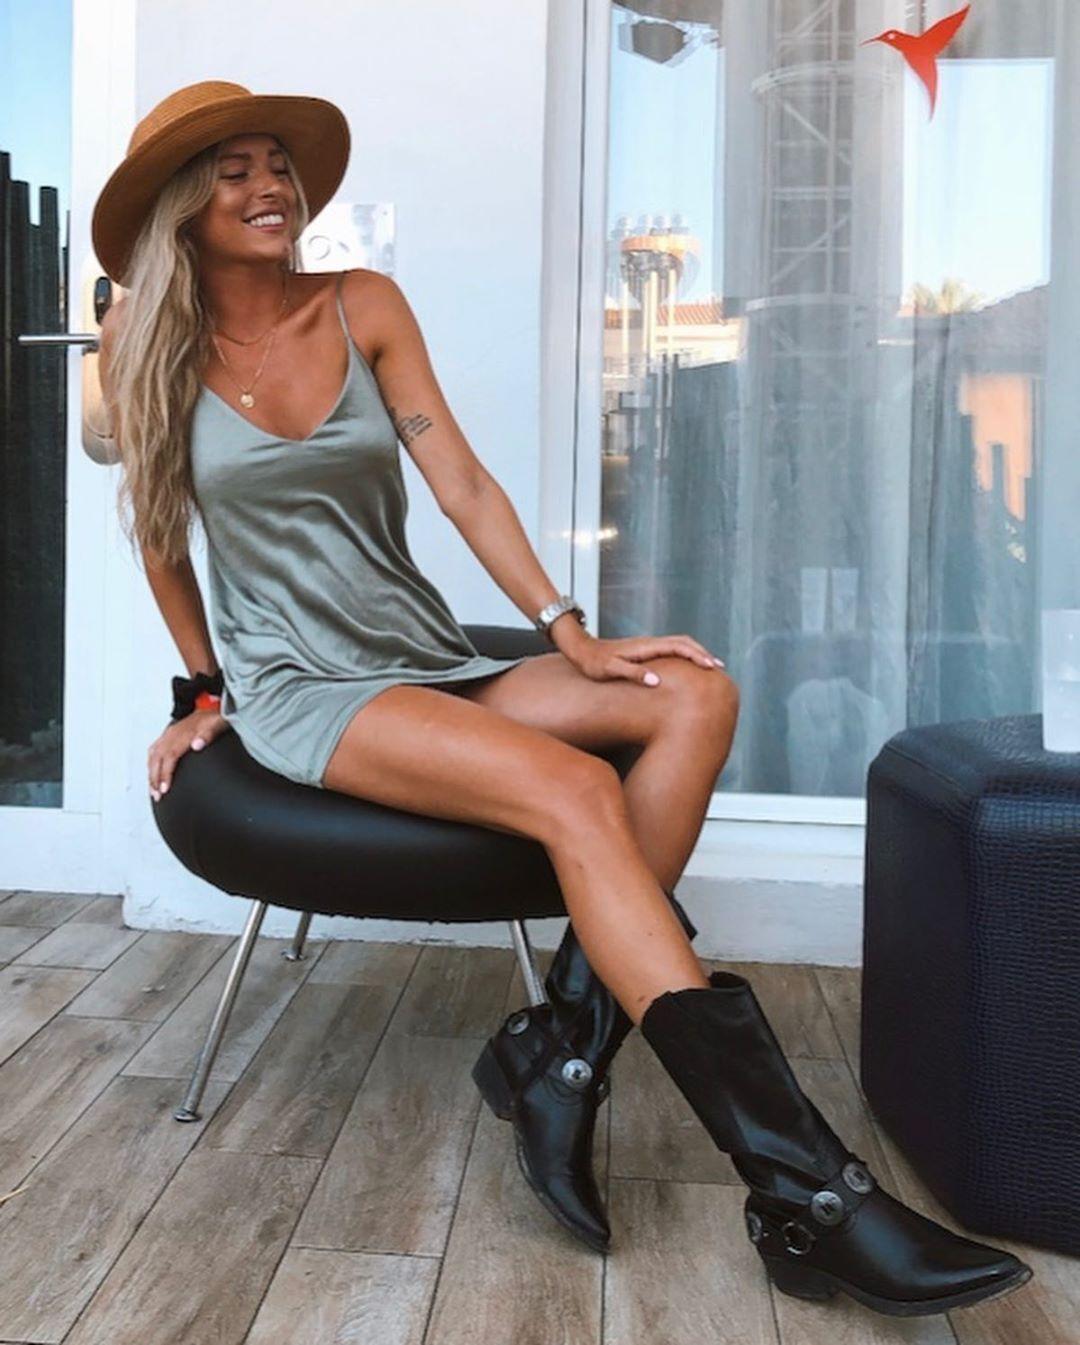 Марина Мунтанер в капелюсі, сірій сукні і чоботях